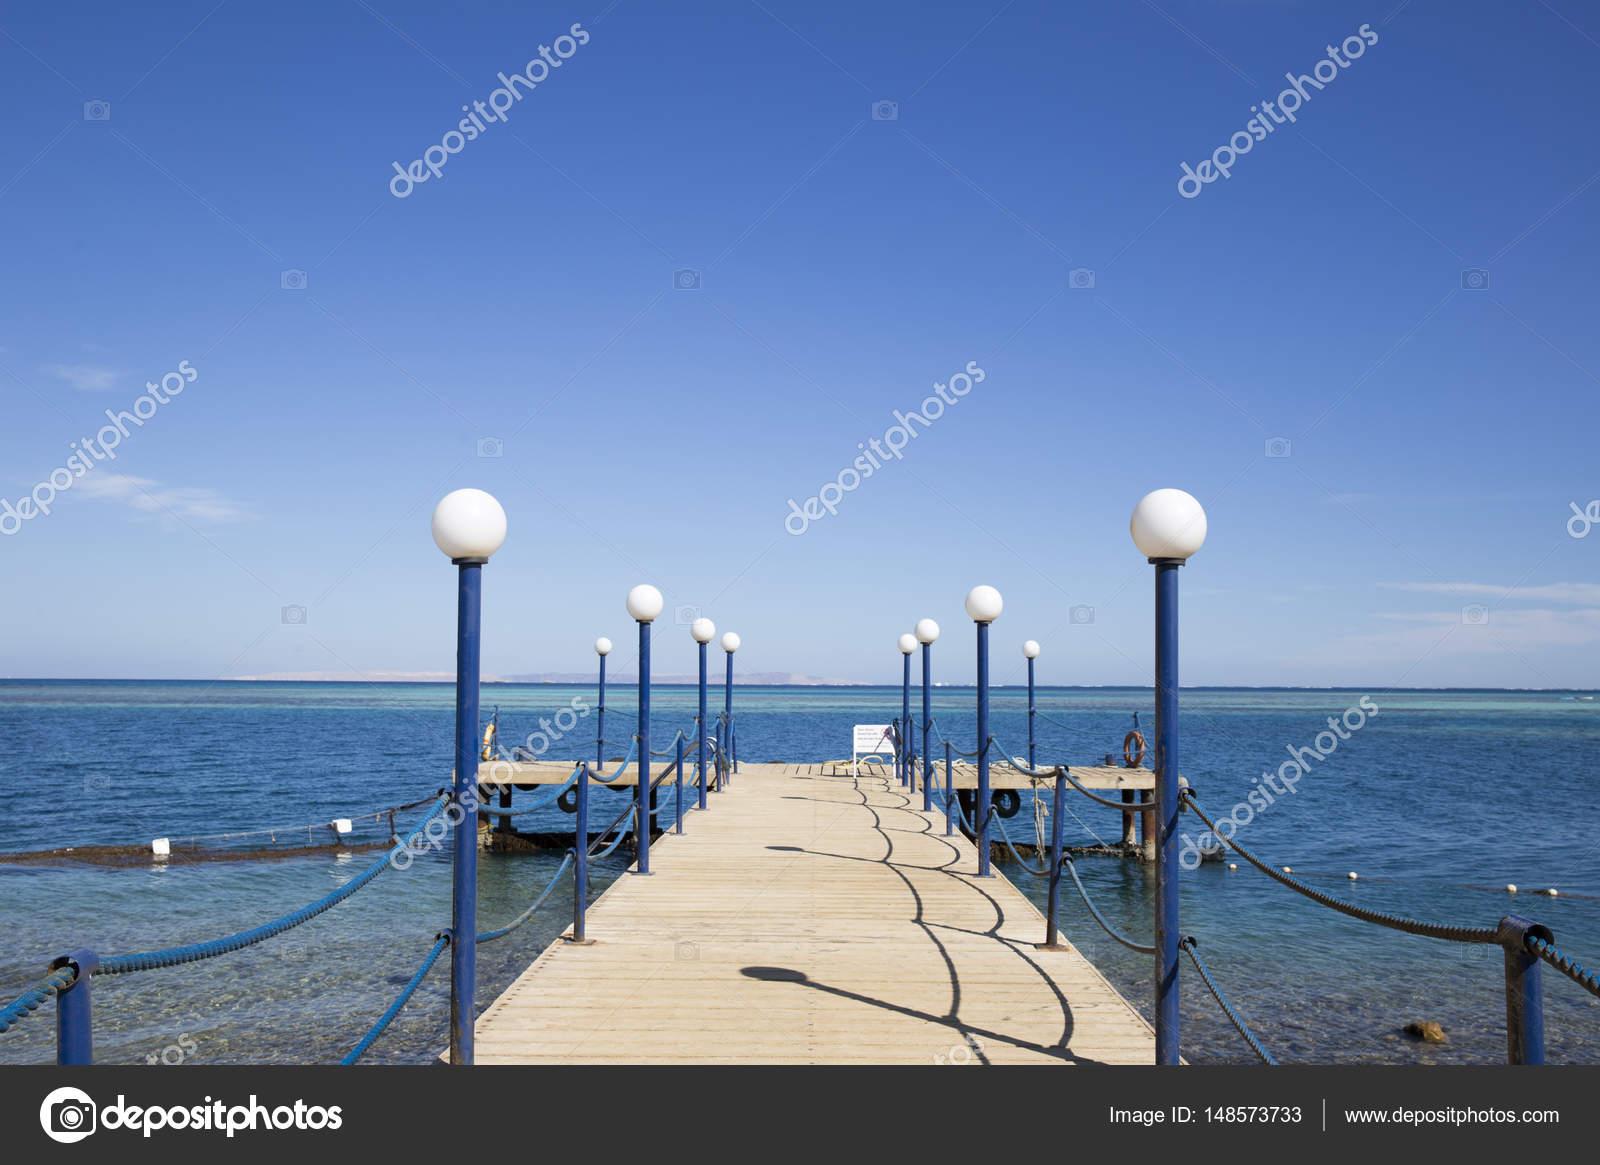 Pilastro di legno con luci di via recintato con corde di ferro sul